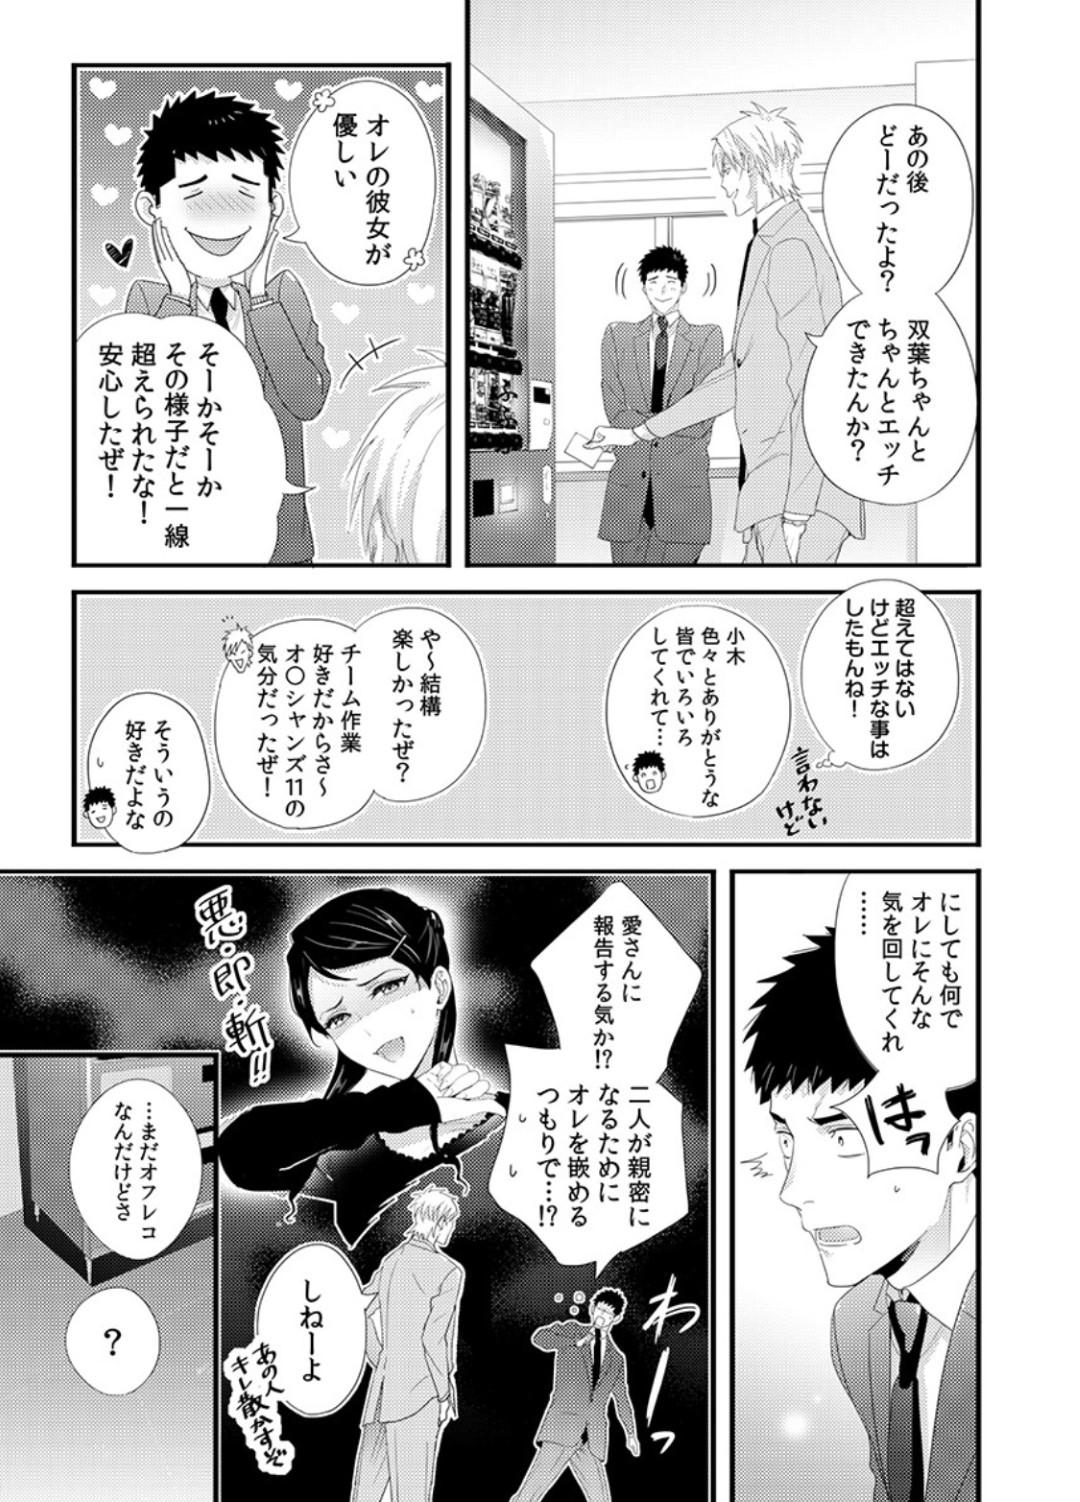 【エロ漫画】なかなか初エッチの出来ない真面目彼氏とふたなり彼女はお家でお互い童貞を卒業すべくまずはフェラから始めてみた【二区/抱かせてくださいッ双葉さん2】